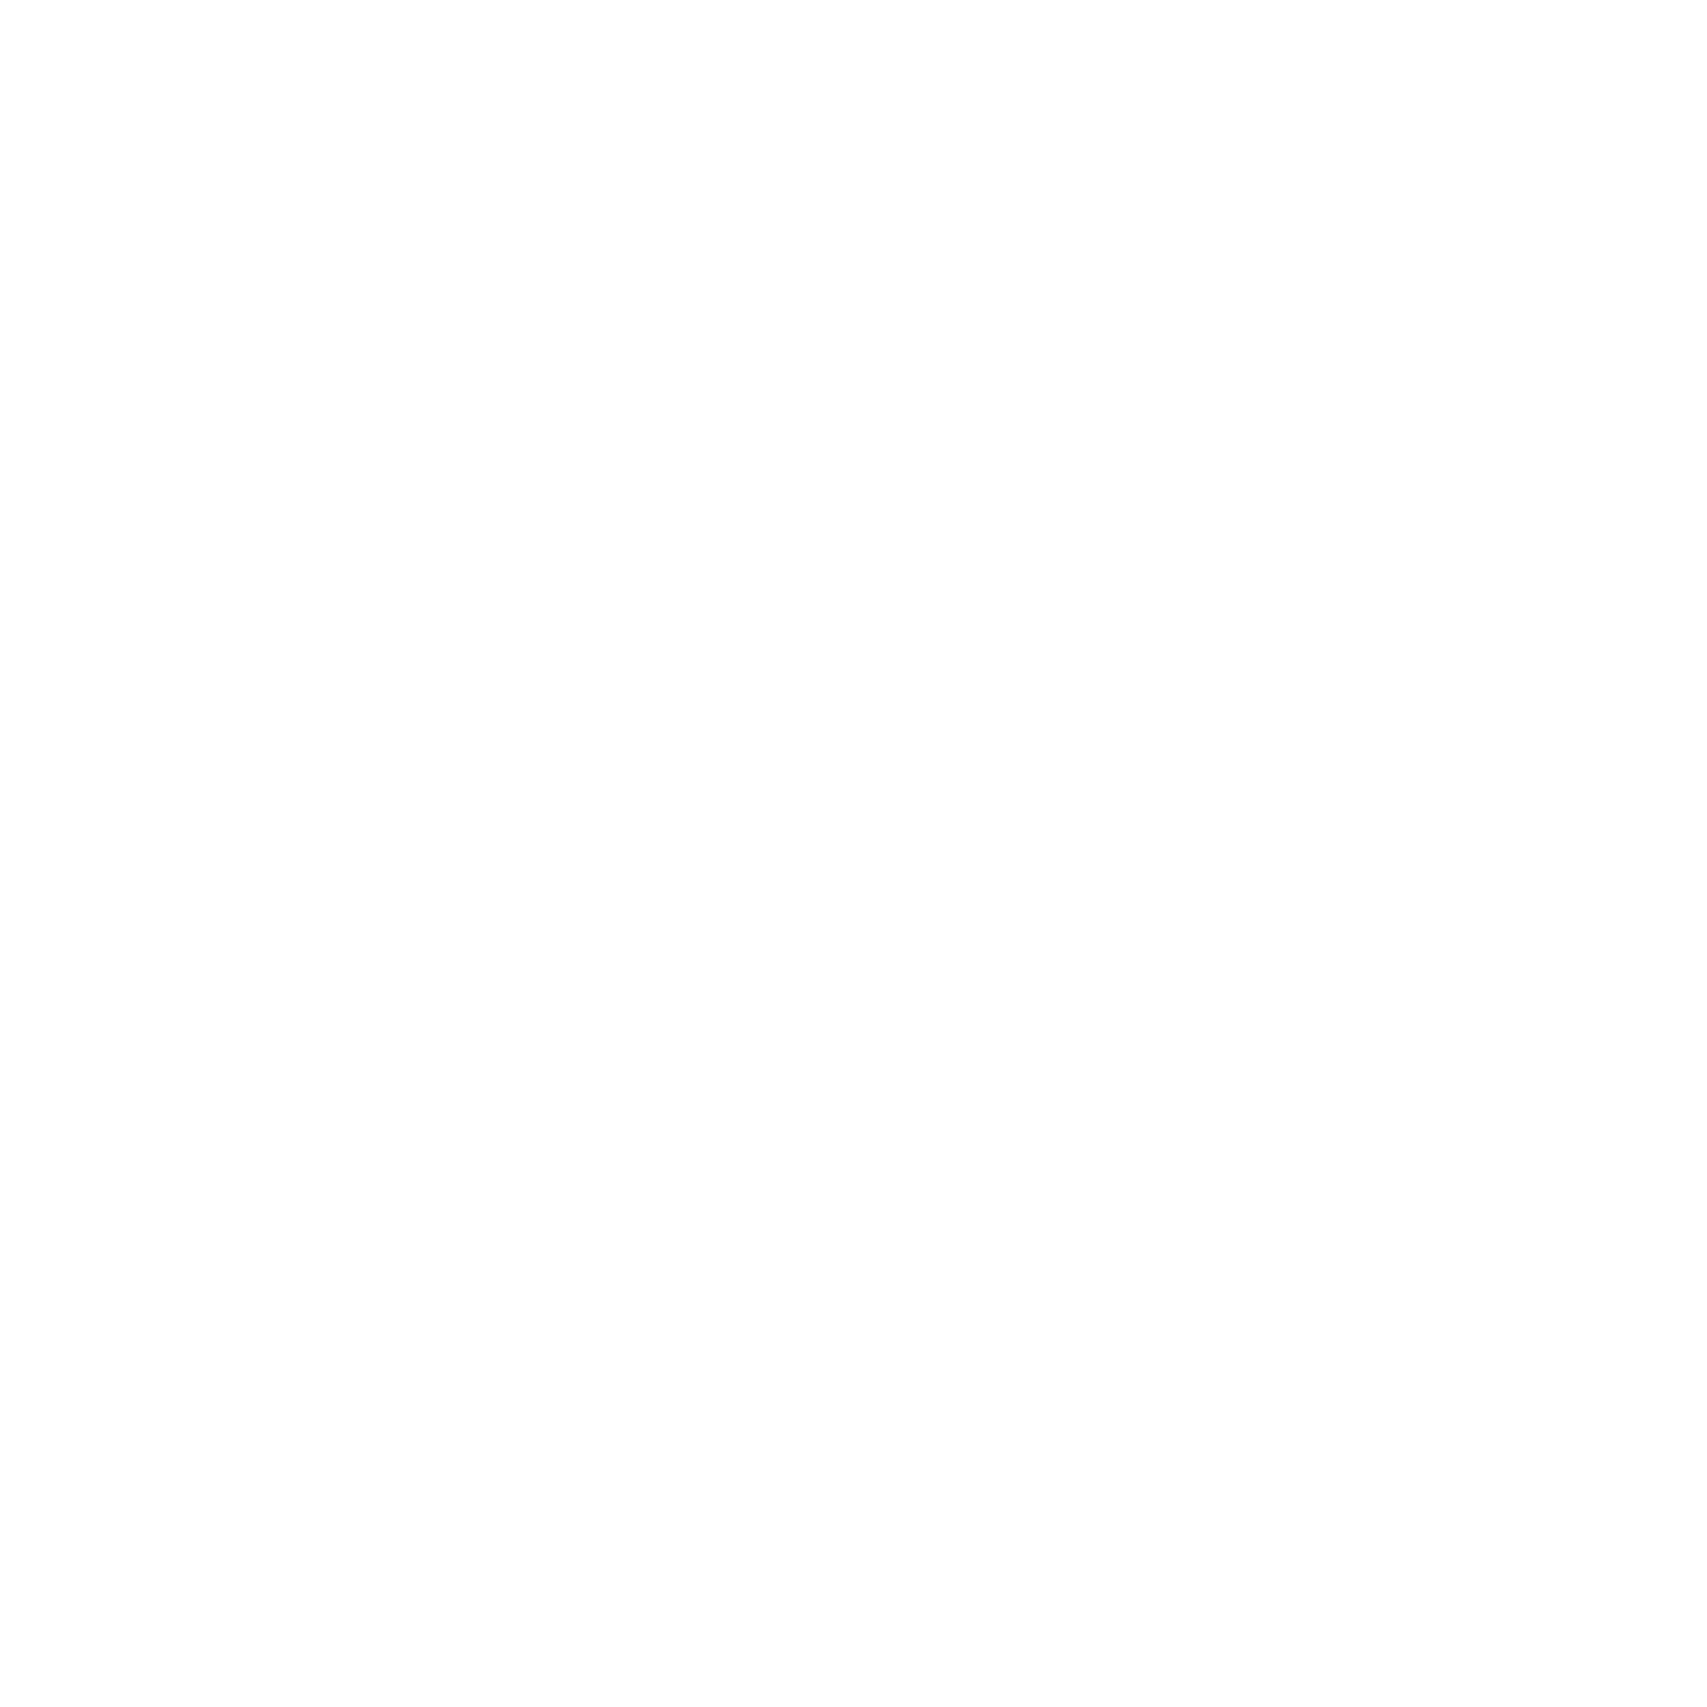 TJH_AlternateA_White